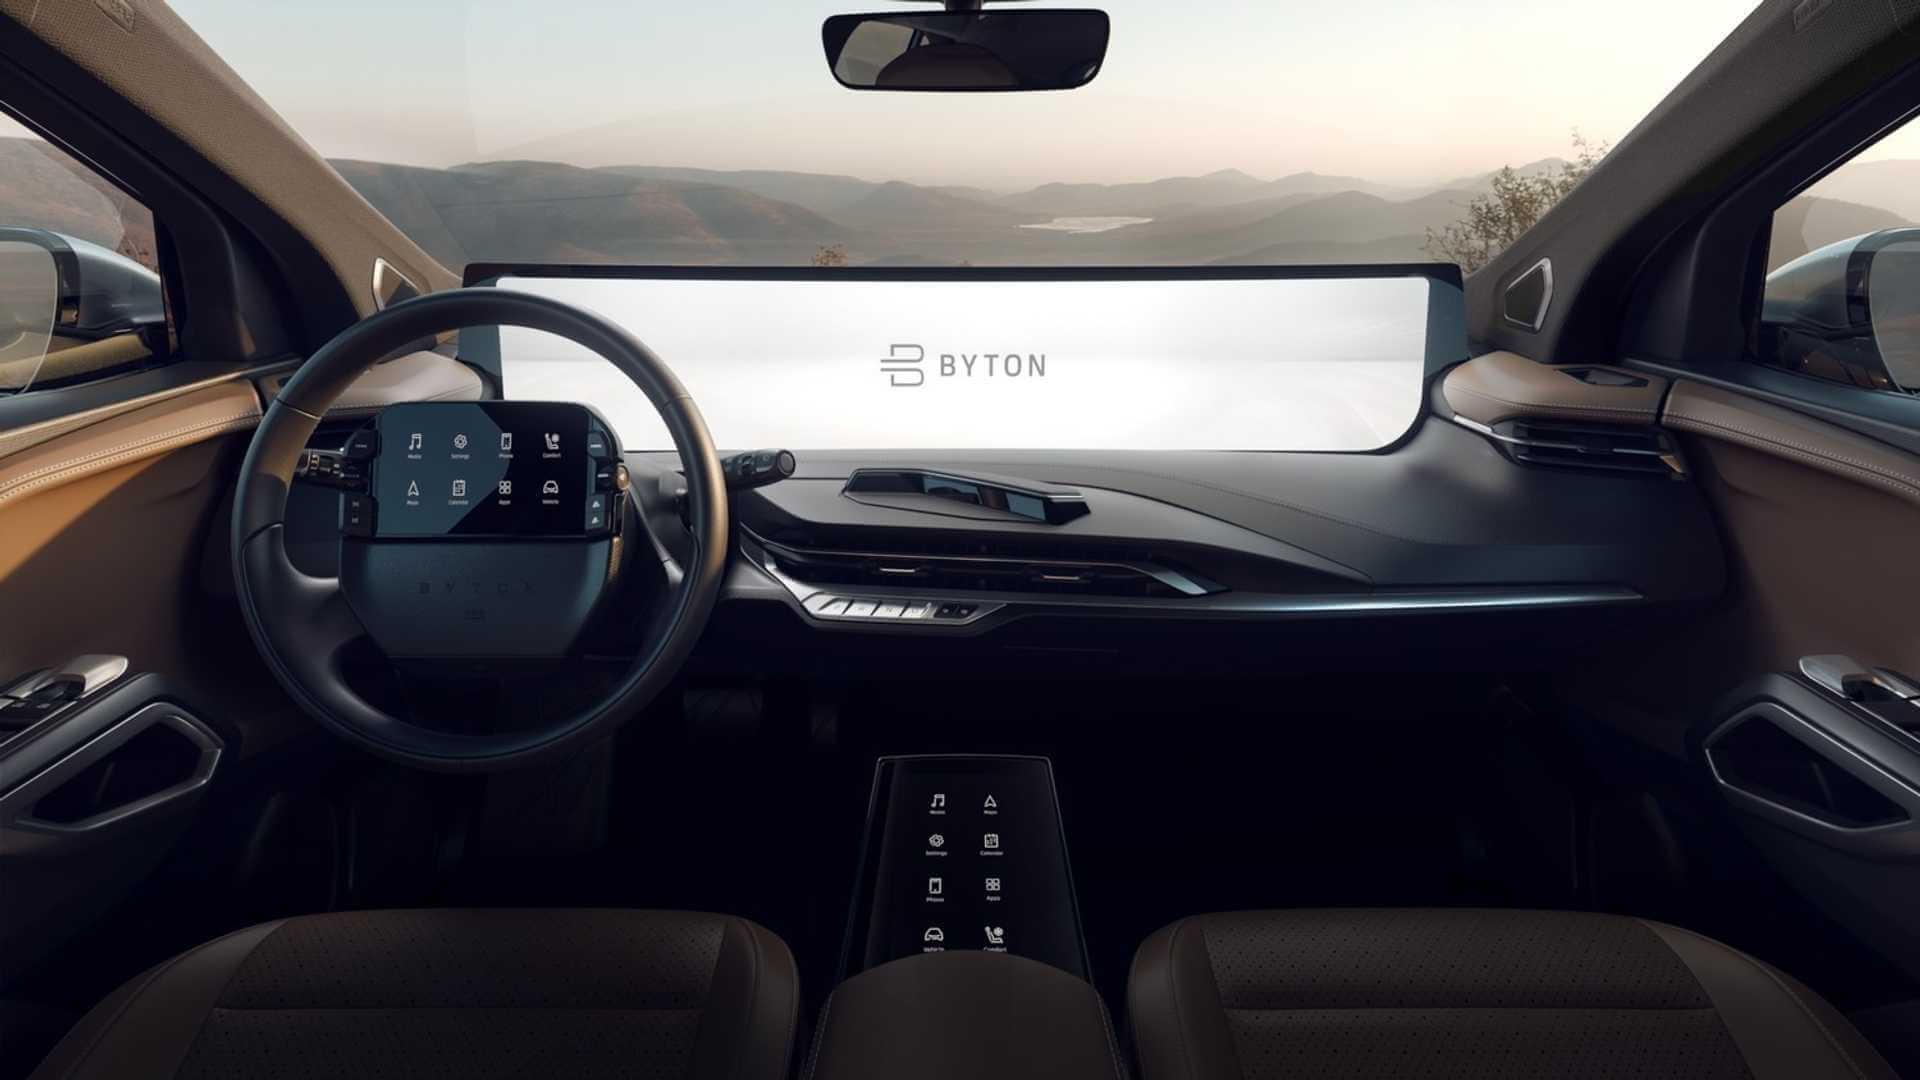 48 дюймовый сенсорный экран центральной консоли BYTON M-Byte